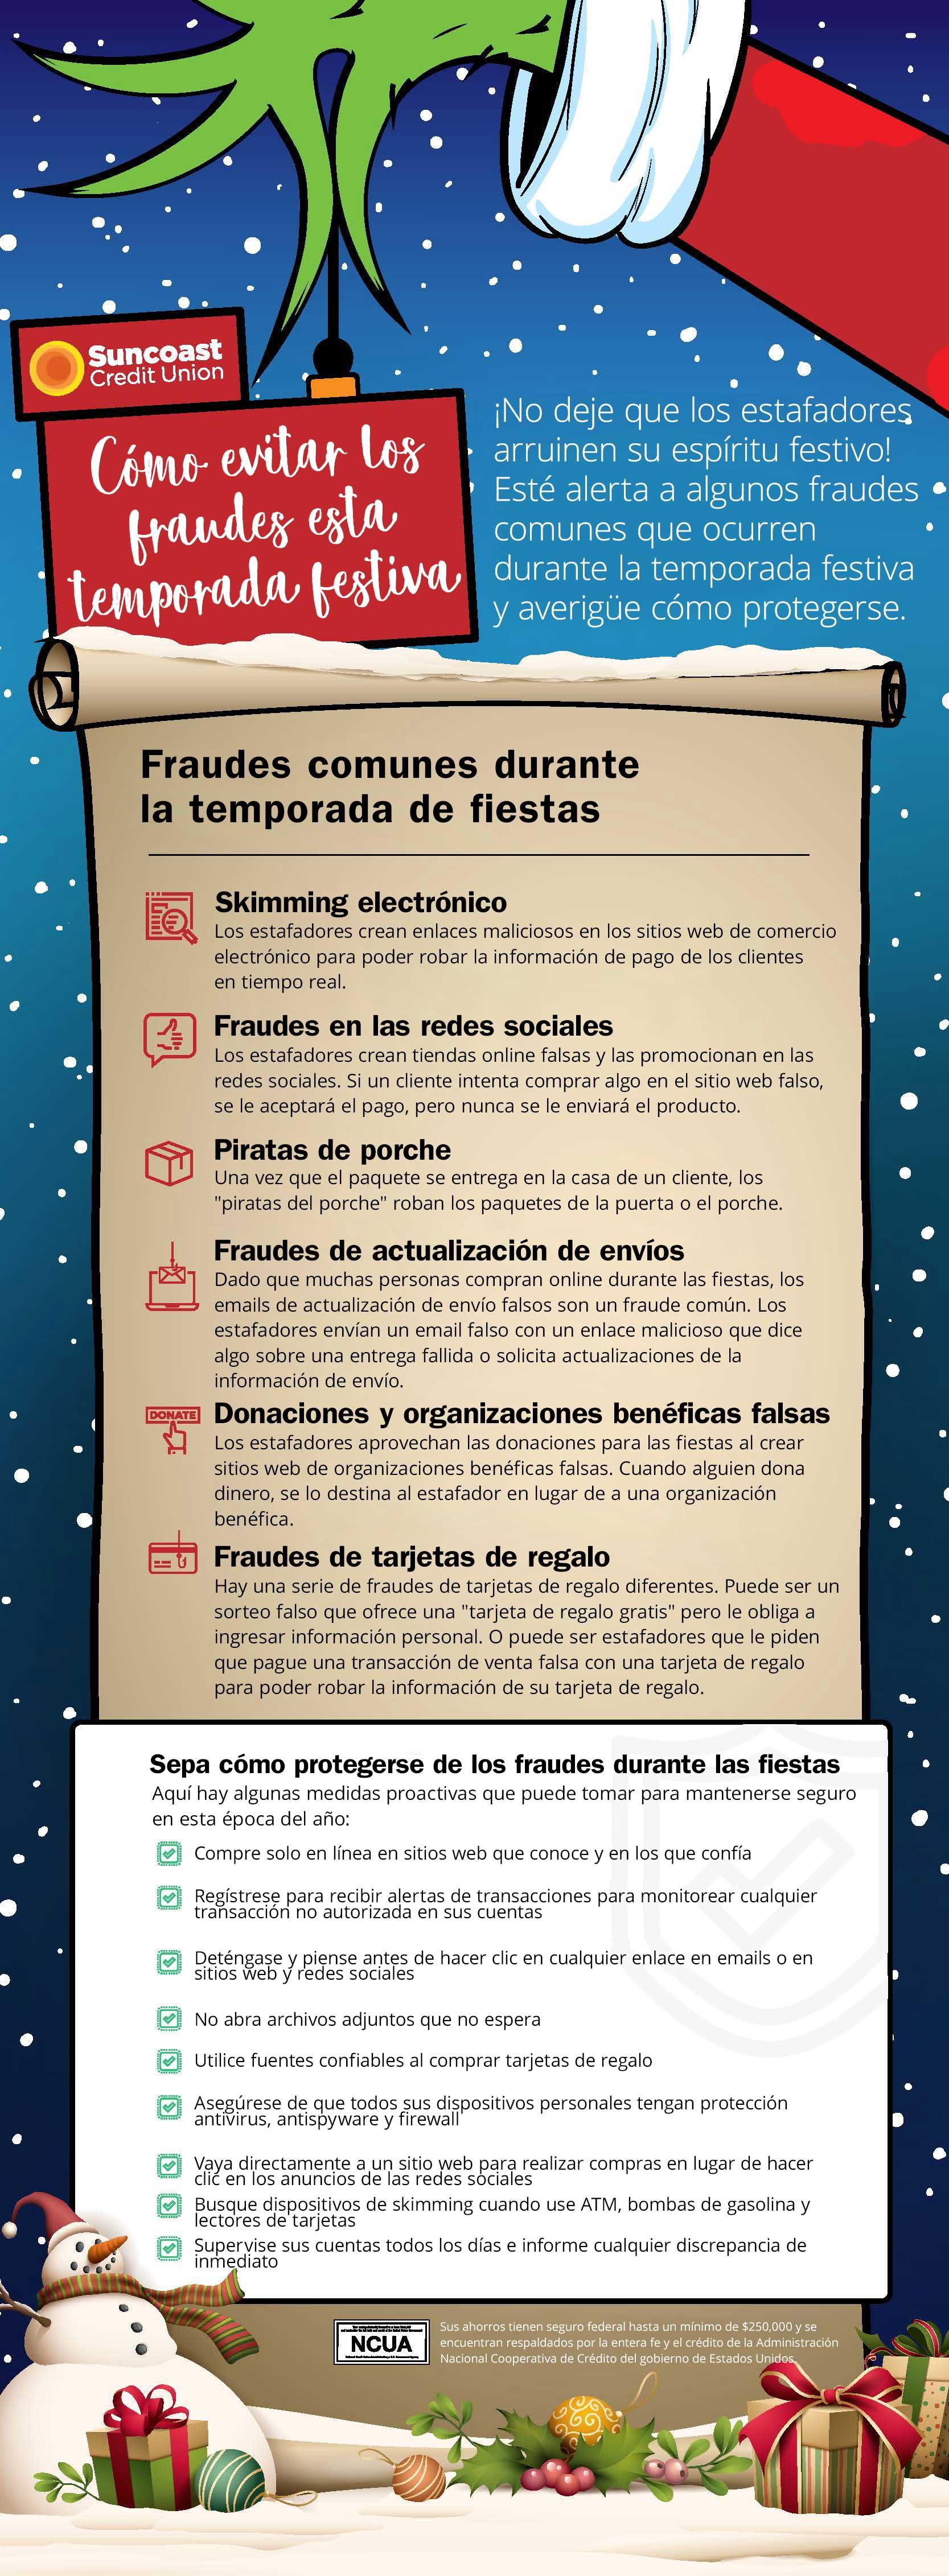 Infografía sobre cómo evitar los fraudes esta temporada festiva